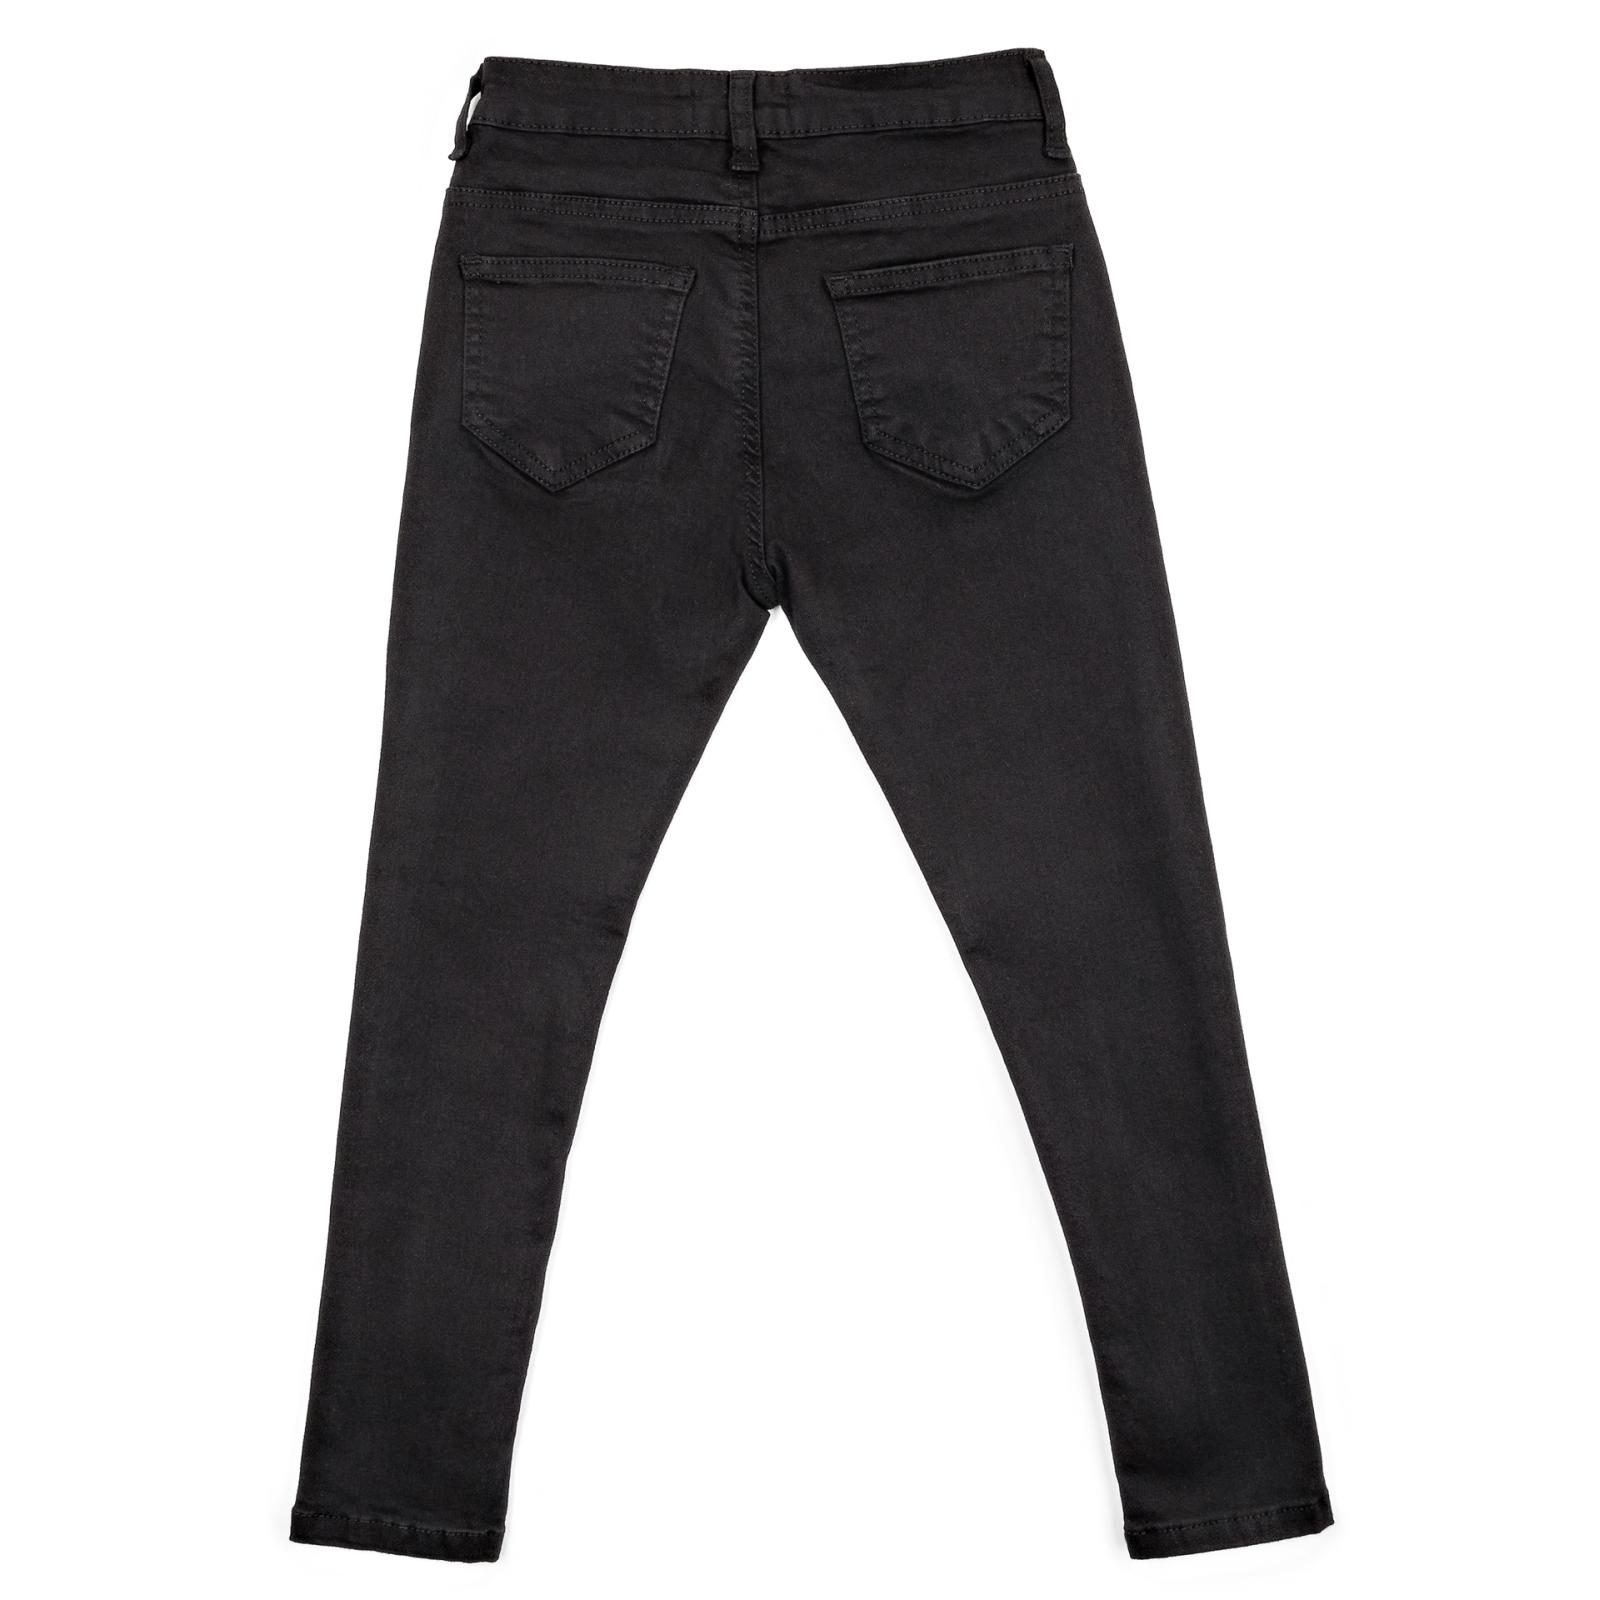 Штаны детские Breeze джинсовые зауженные (13212-146G-black) изображение 2